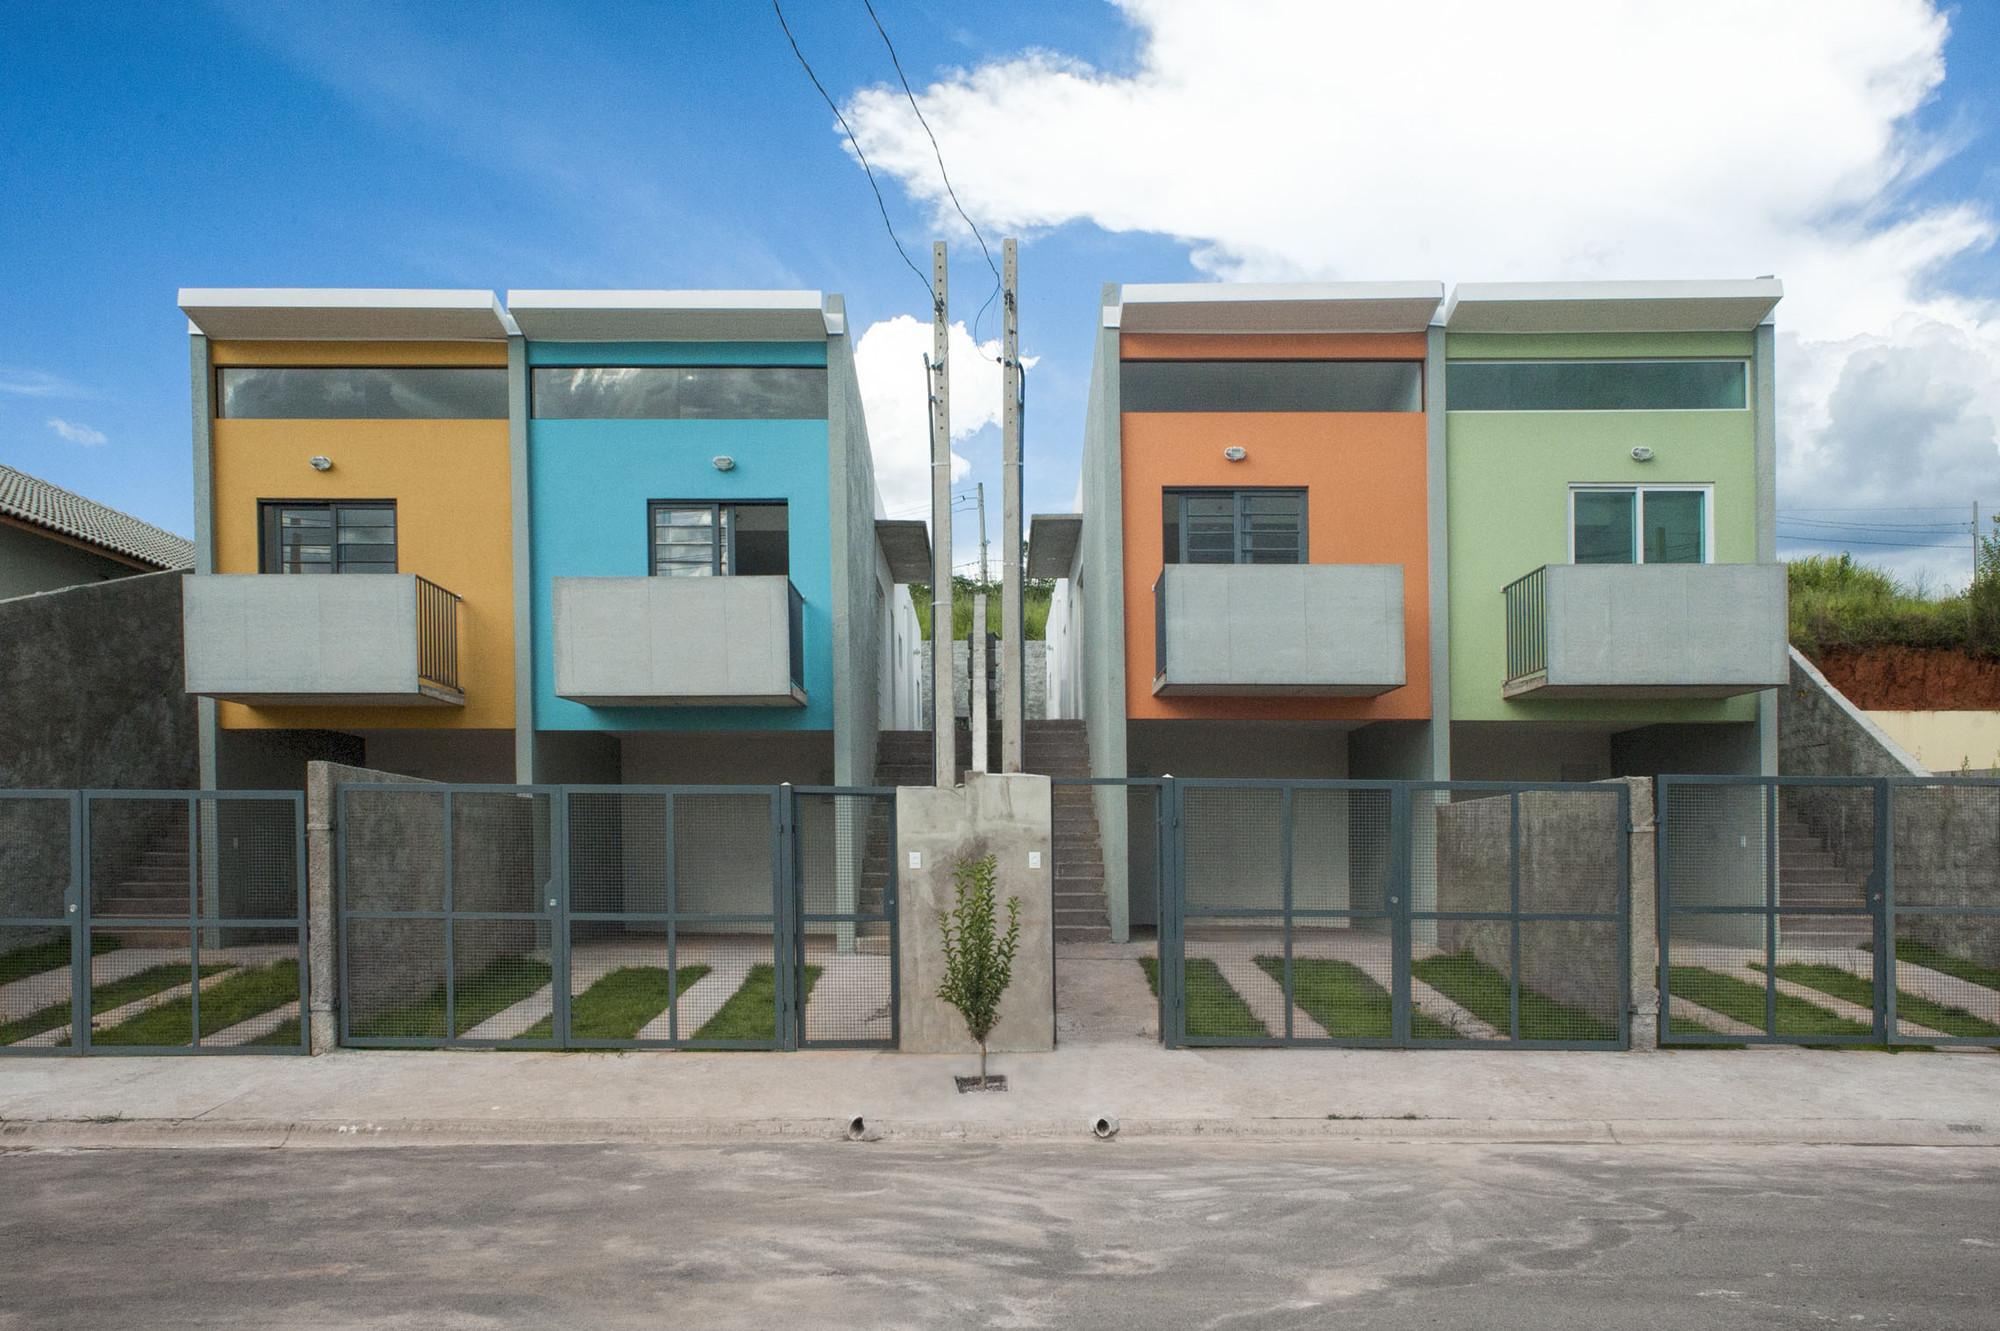 Casas em Cotia / Silva Realizações, © Carlos Reinis